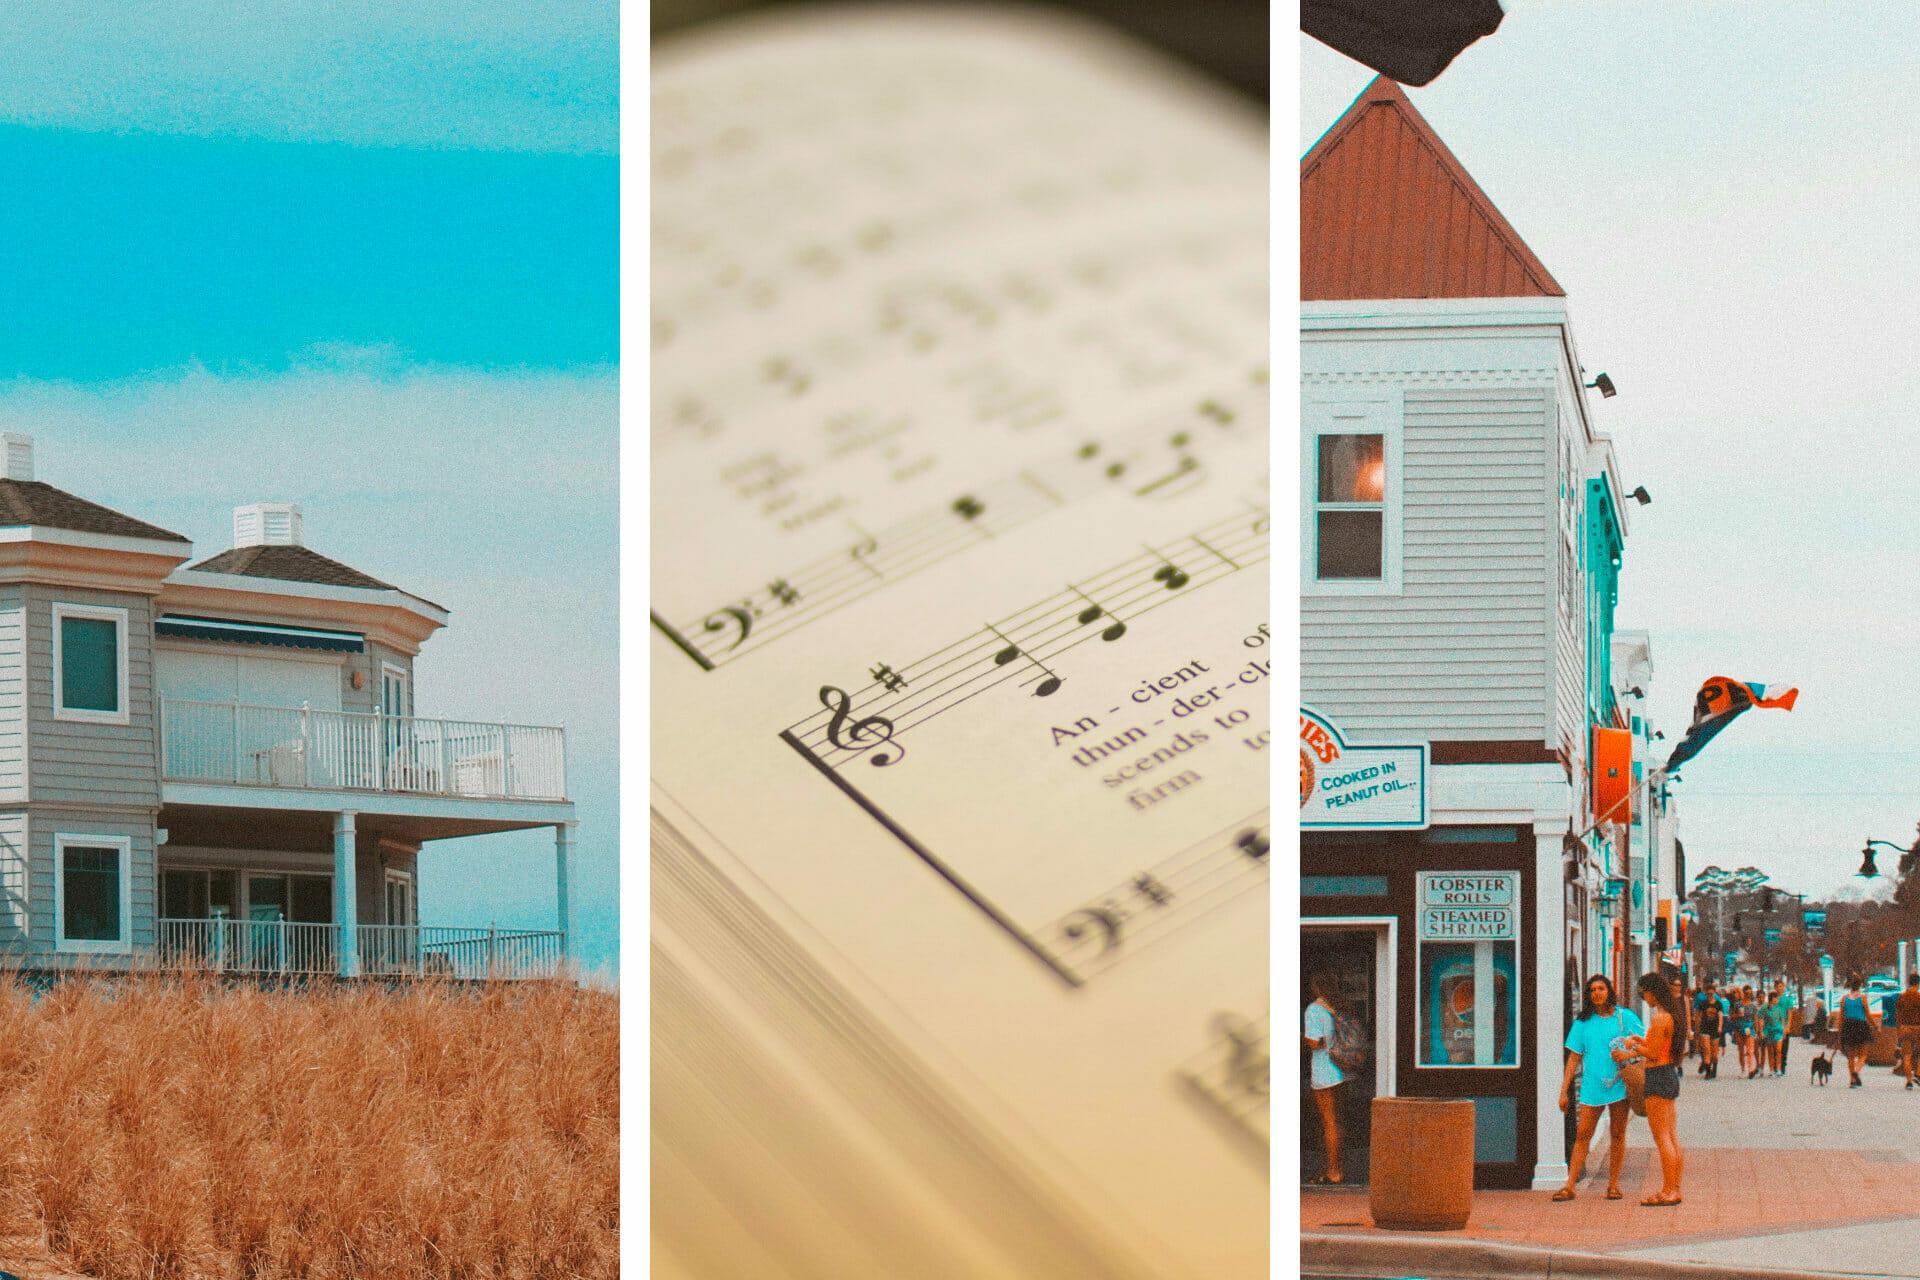 13+ Songs about Delaware (Funny + Emotional!) via @allamericanatlas